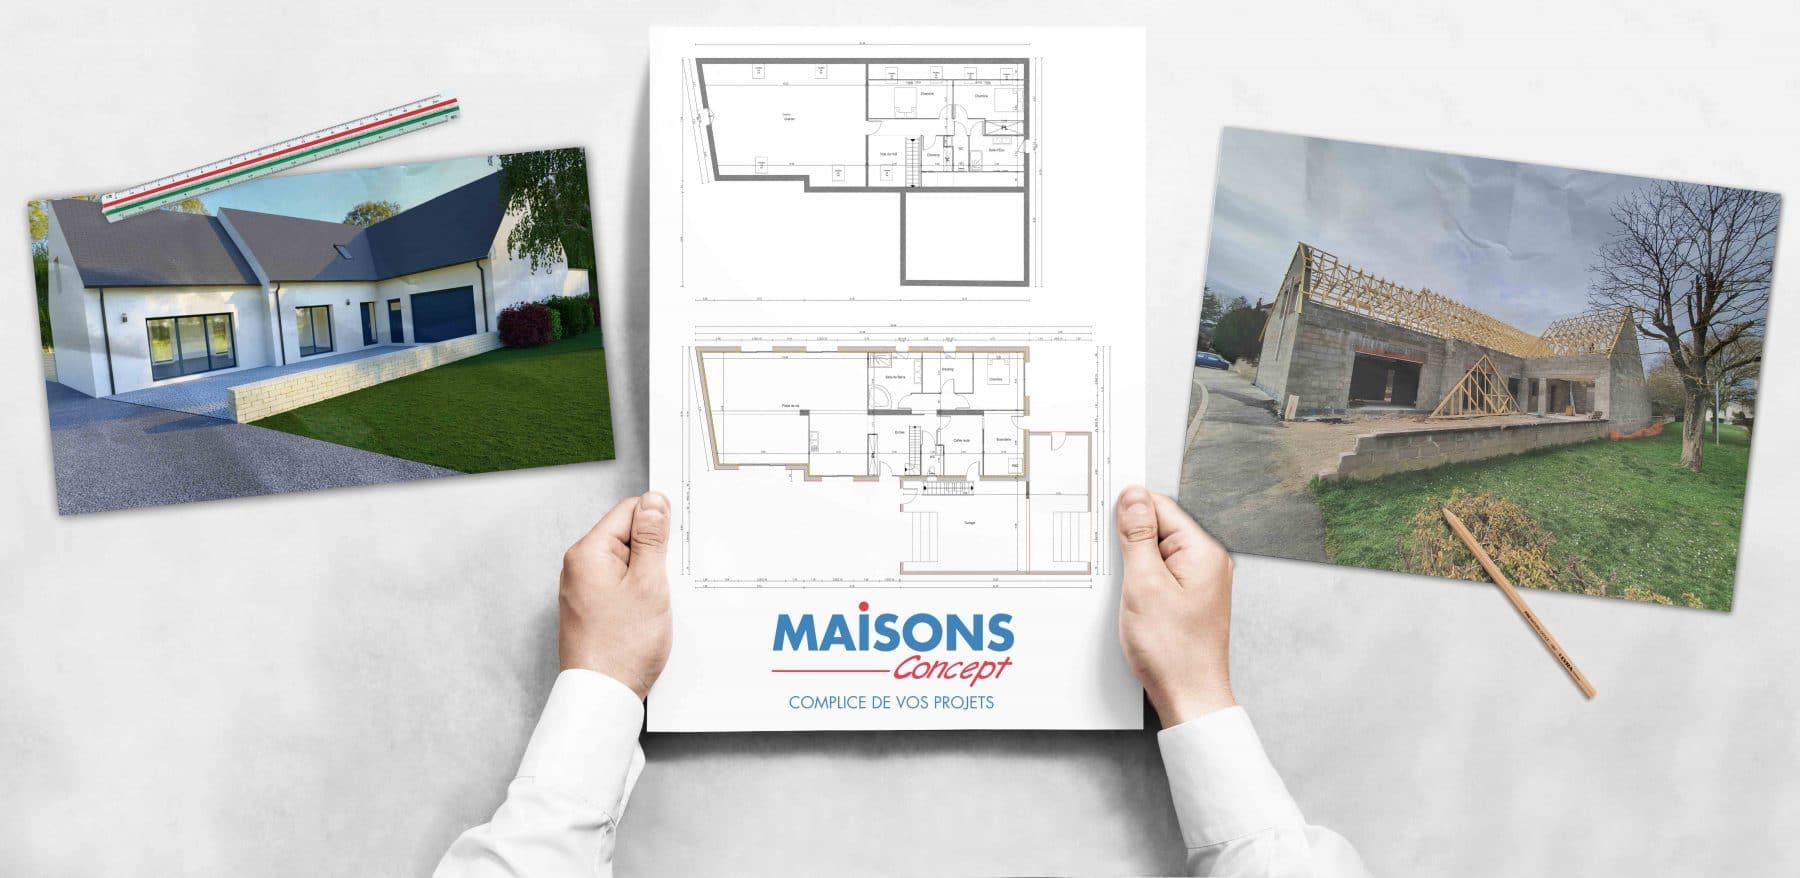 Construction Maisons Concept à Loches